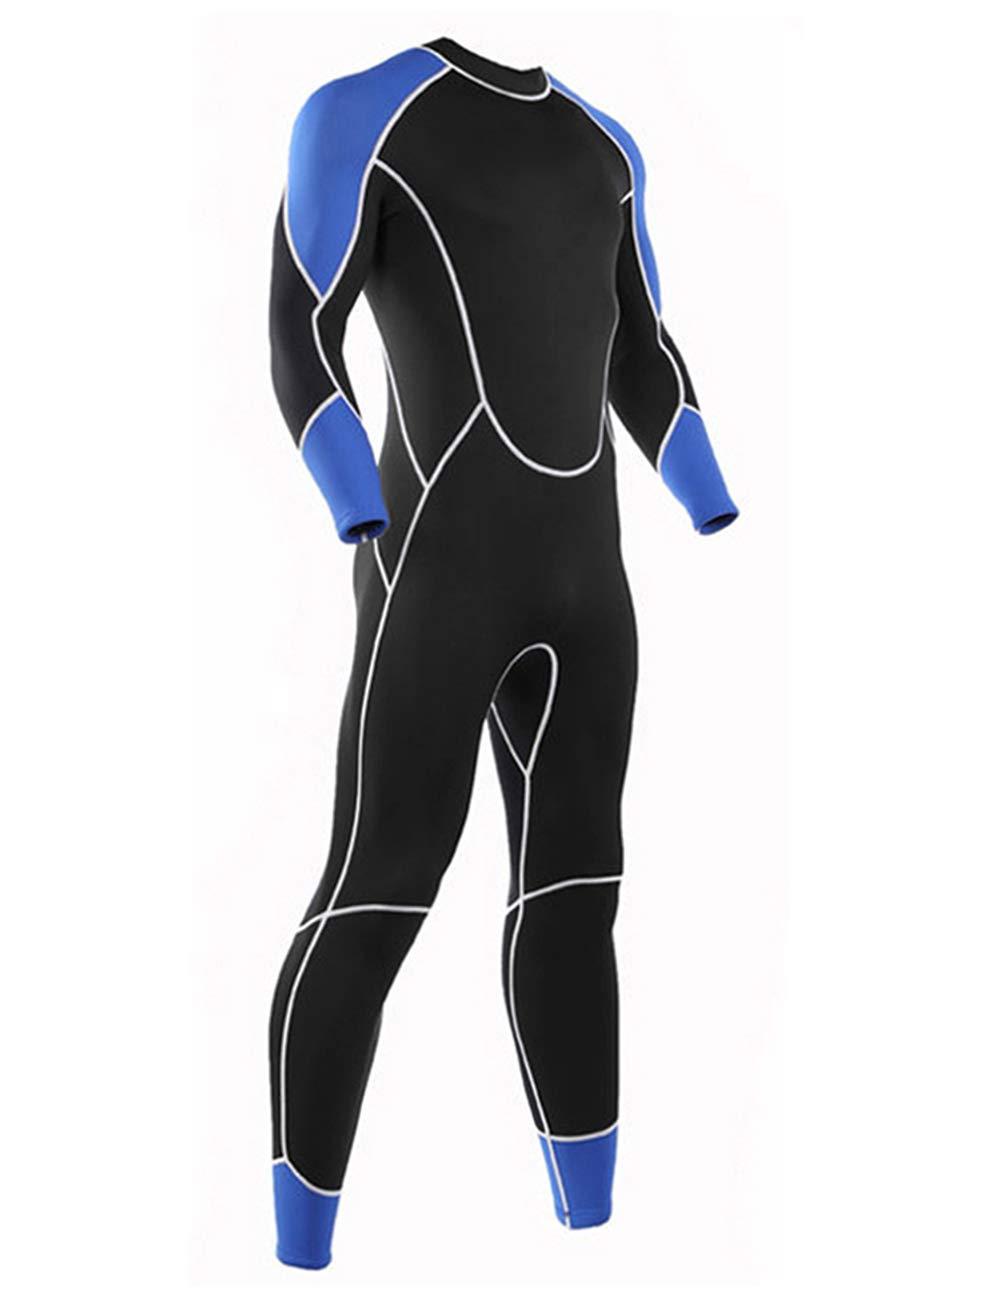 Niiwi メンズ フルウェットスーツ - 2.5mm プレミアムネオプレン ダイビングスーツ シュノーケリング サーフィン ジャンプスーツ B07JNH6C71 ブルー/ブラック Medium Medium|ブルー/ブラック